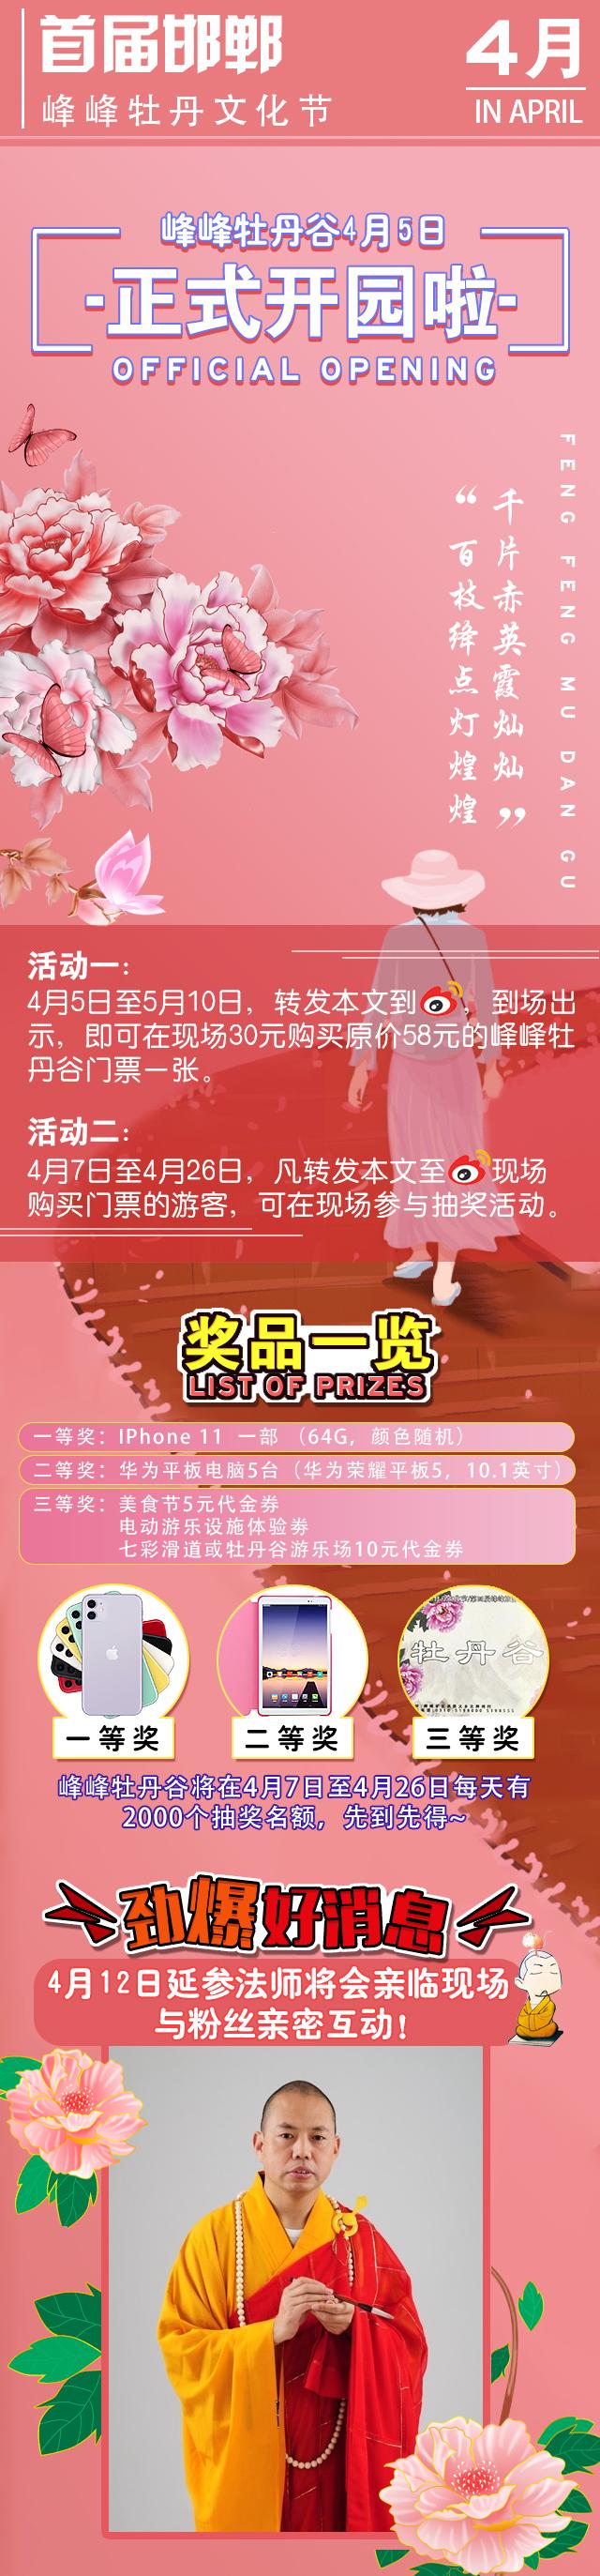 峰峰牡丹谷4月5日开园啦并且延参法师@延参法师 会在4月12日到现场和